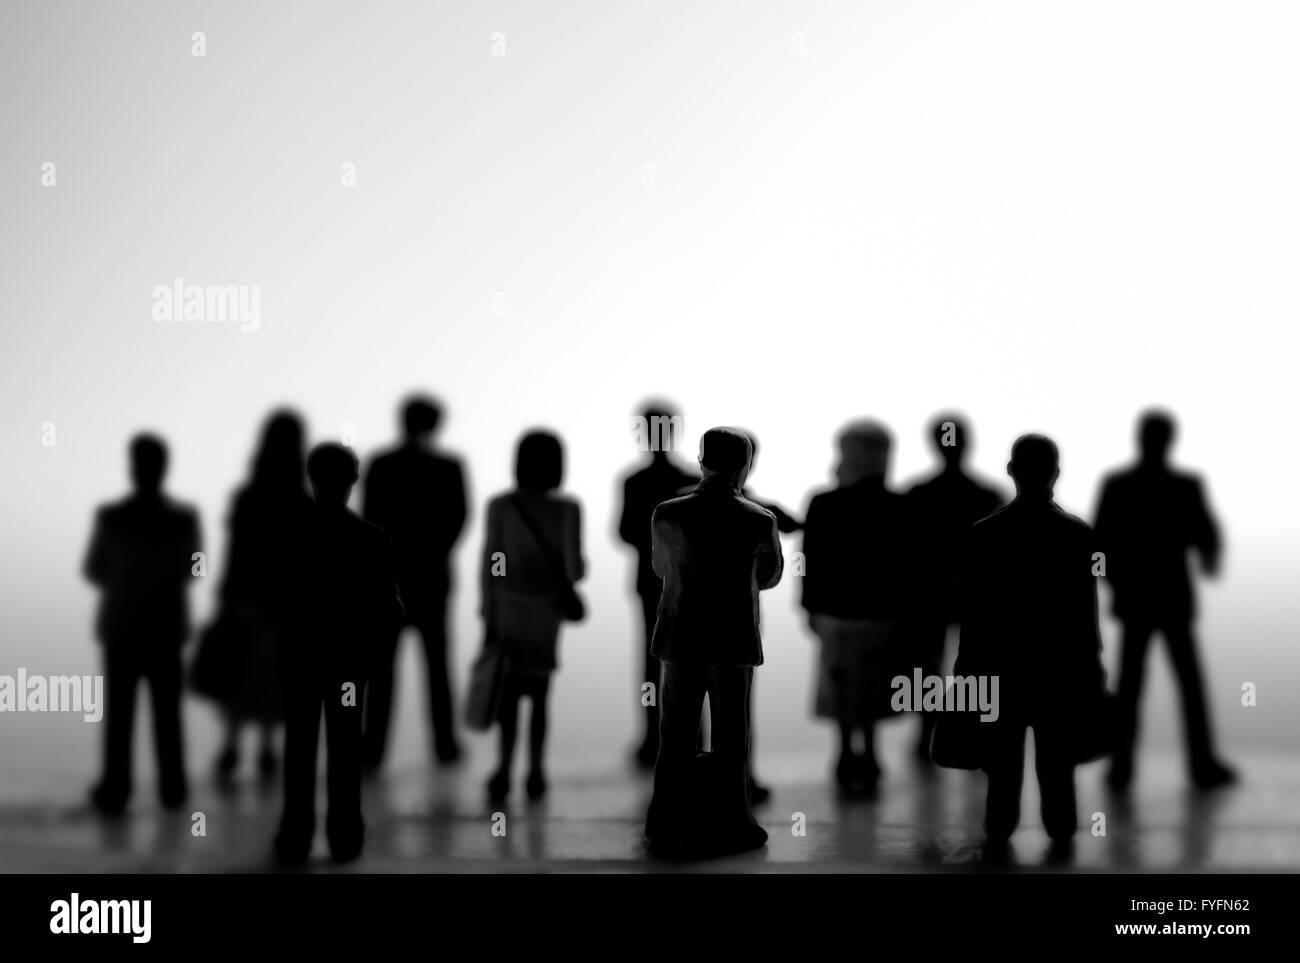 Crowdfunding concepto. Una multitud de personas de pie en miniatura en silueta. Imagen De Stock